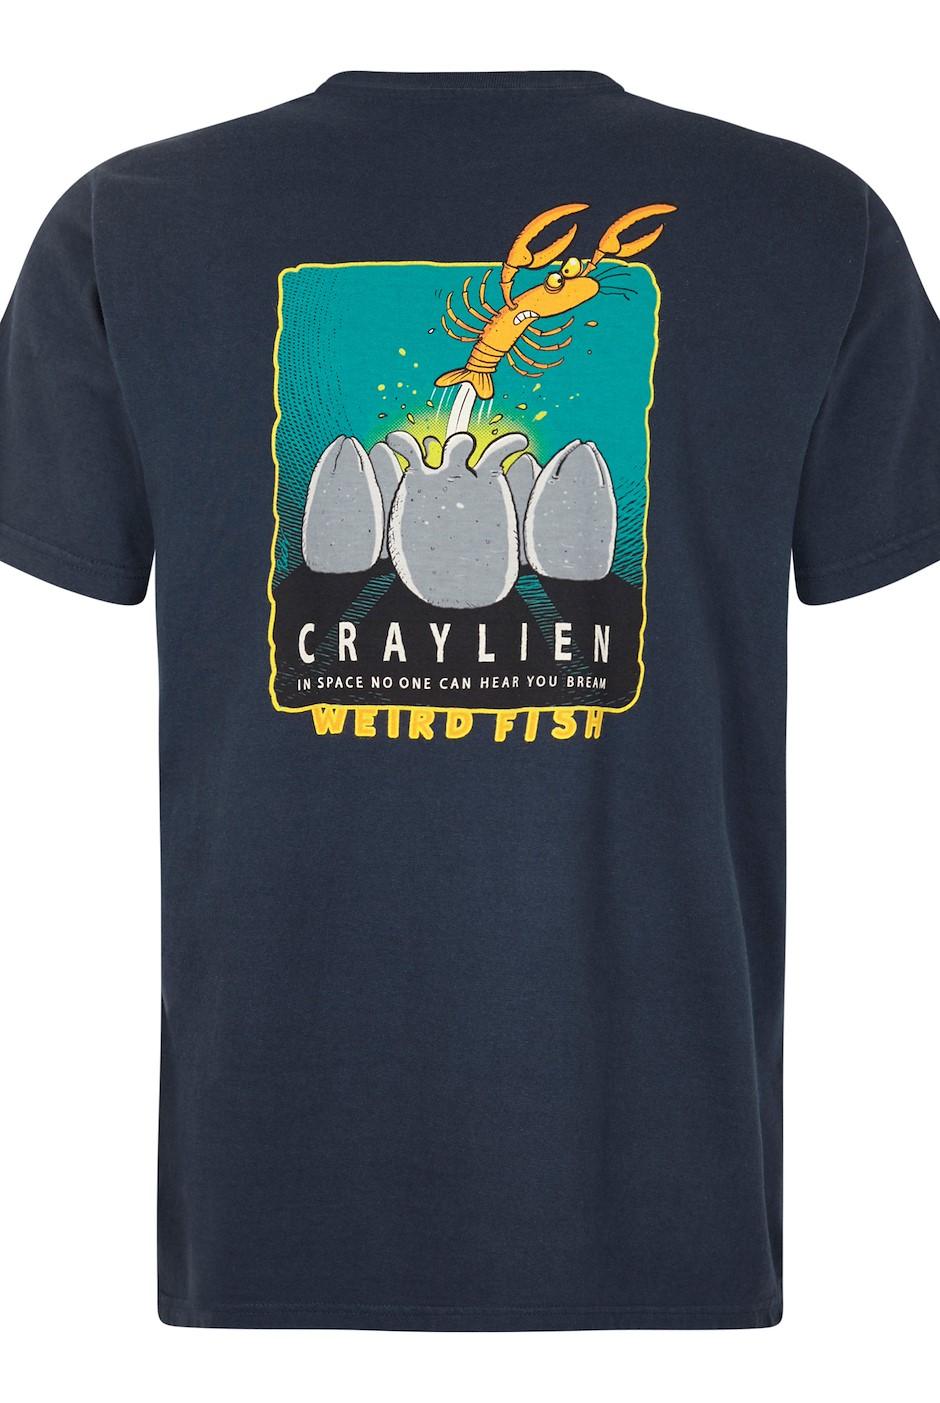 Craylien Artist T-Shirt Navy